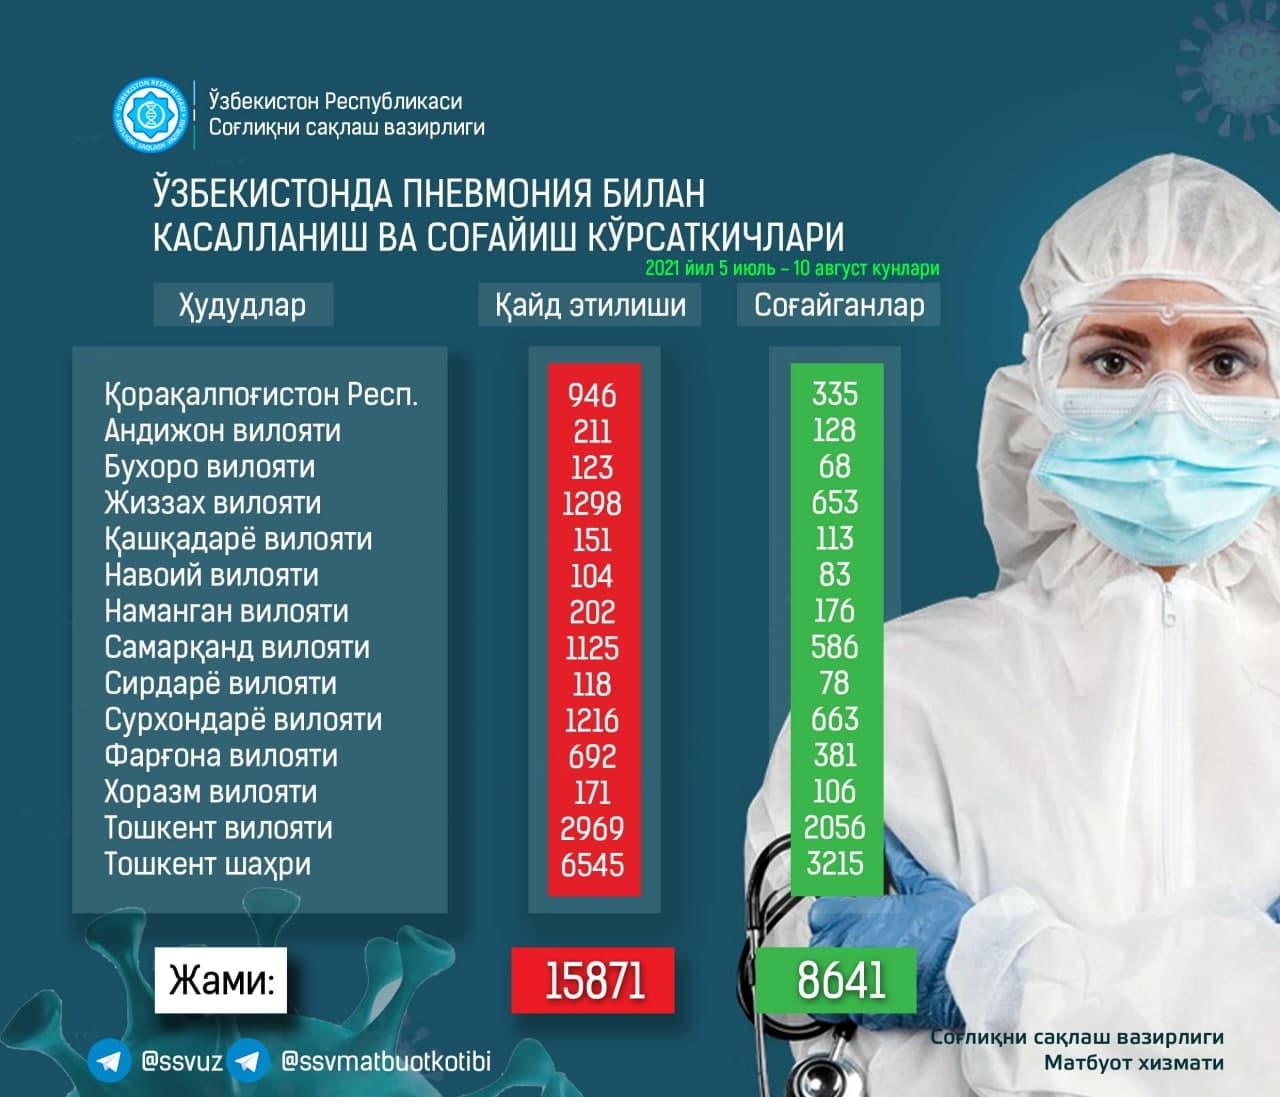 По республике за сутки выявлено сотни заражений пневмонией — статистика